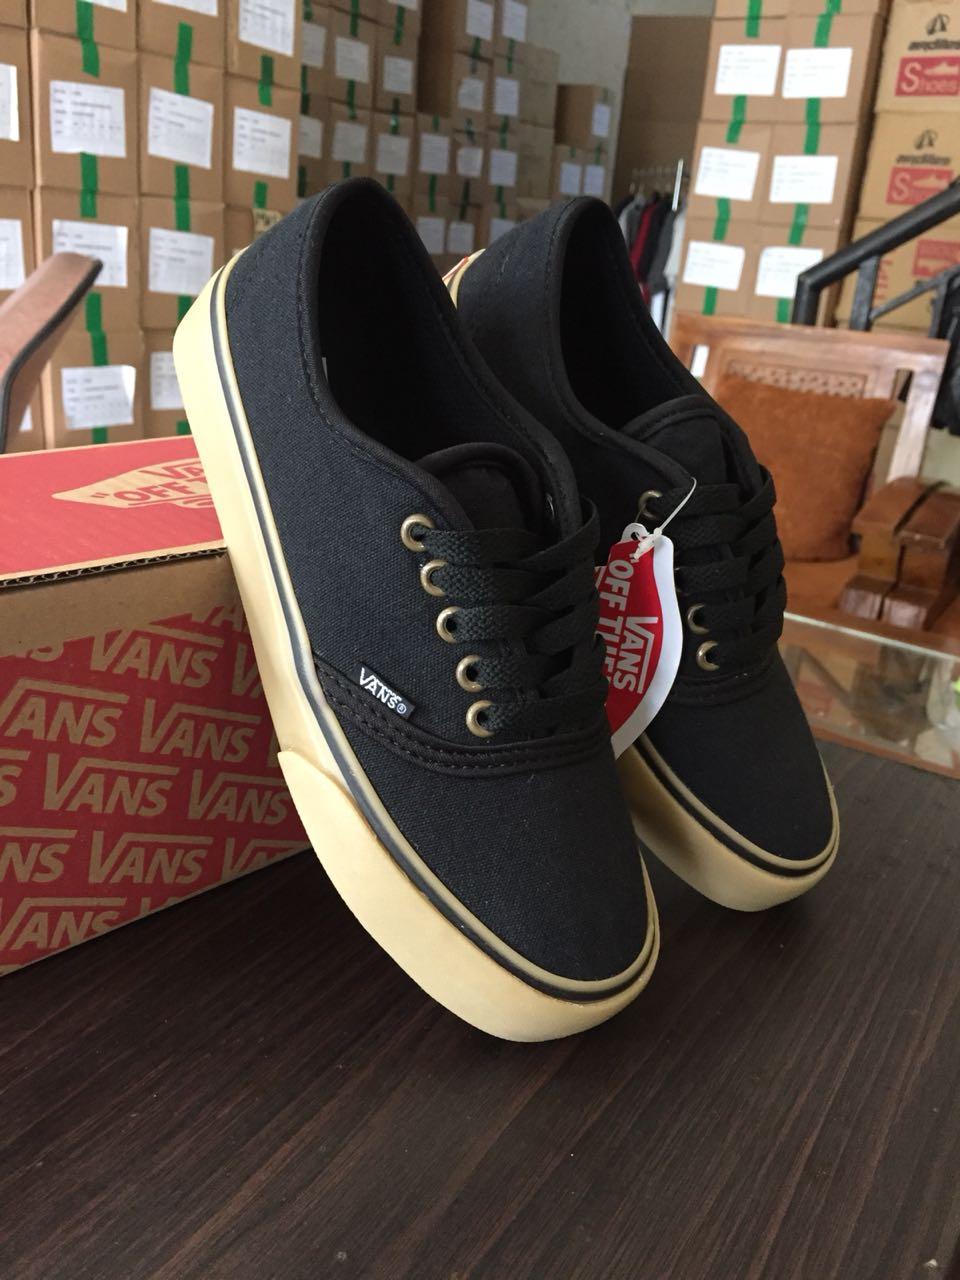 Pusat Grosir Sepatu Tangerang Update 04 07 2018 Termurah Casual Vans Kets Sneakers California Authentic Oldskool Sk8 Kualitas Super